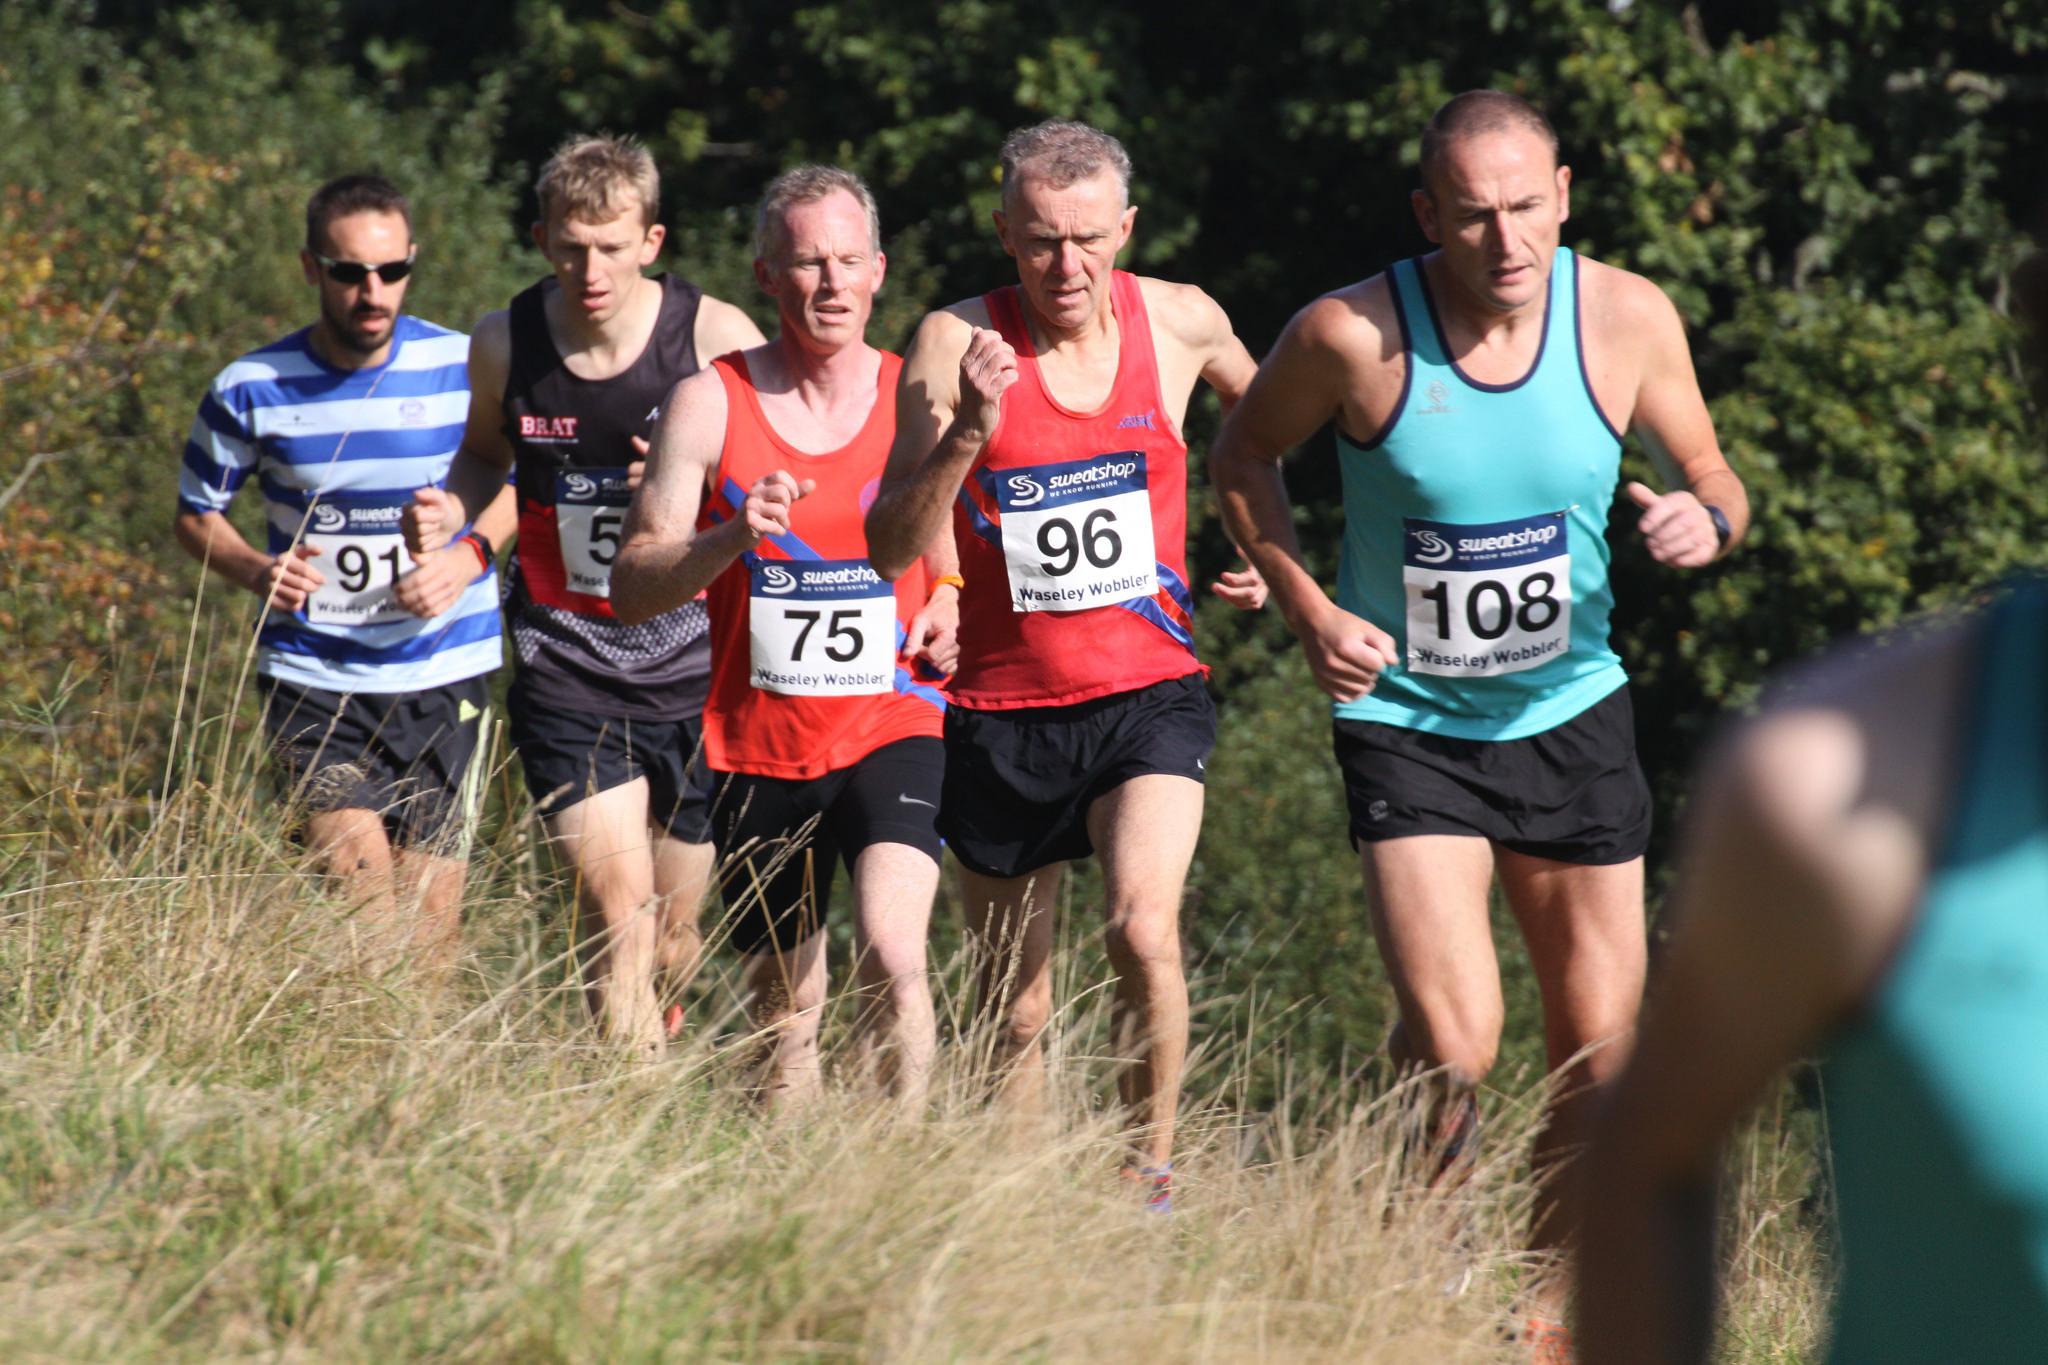 Race winner number 91 Matt Biggs of Dudley Kingswinford (far left)